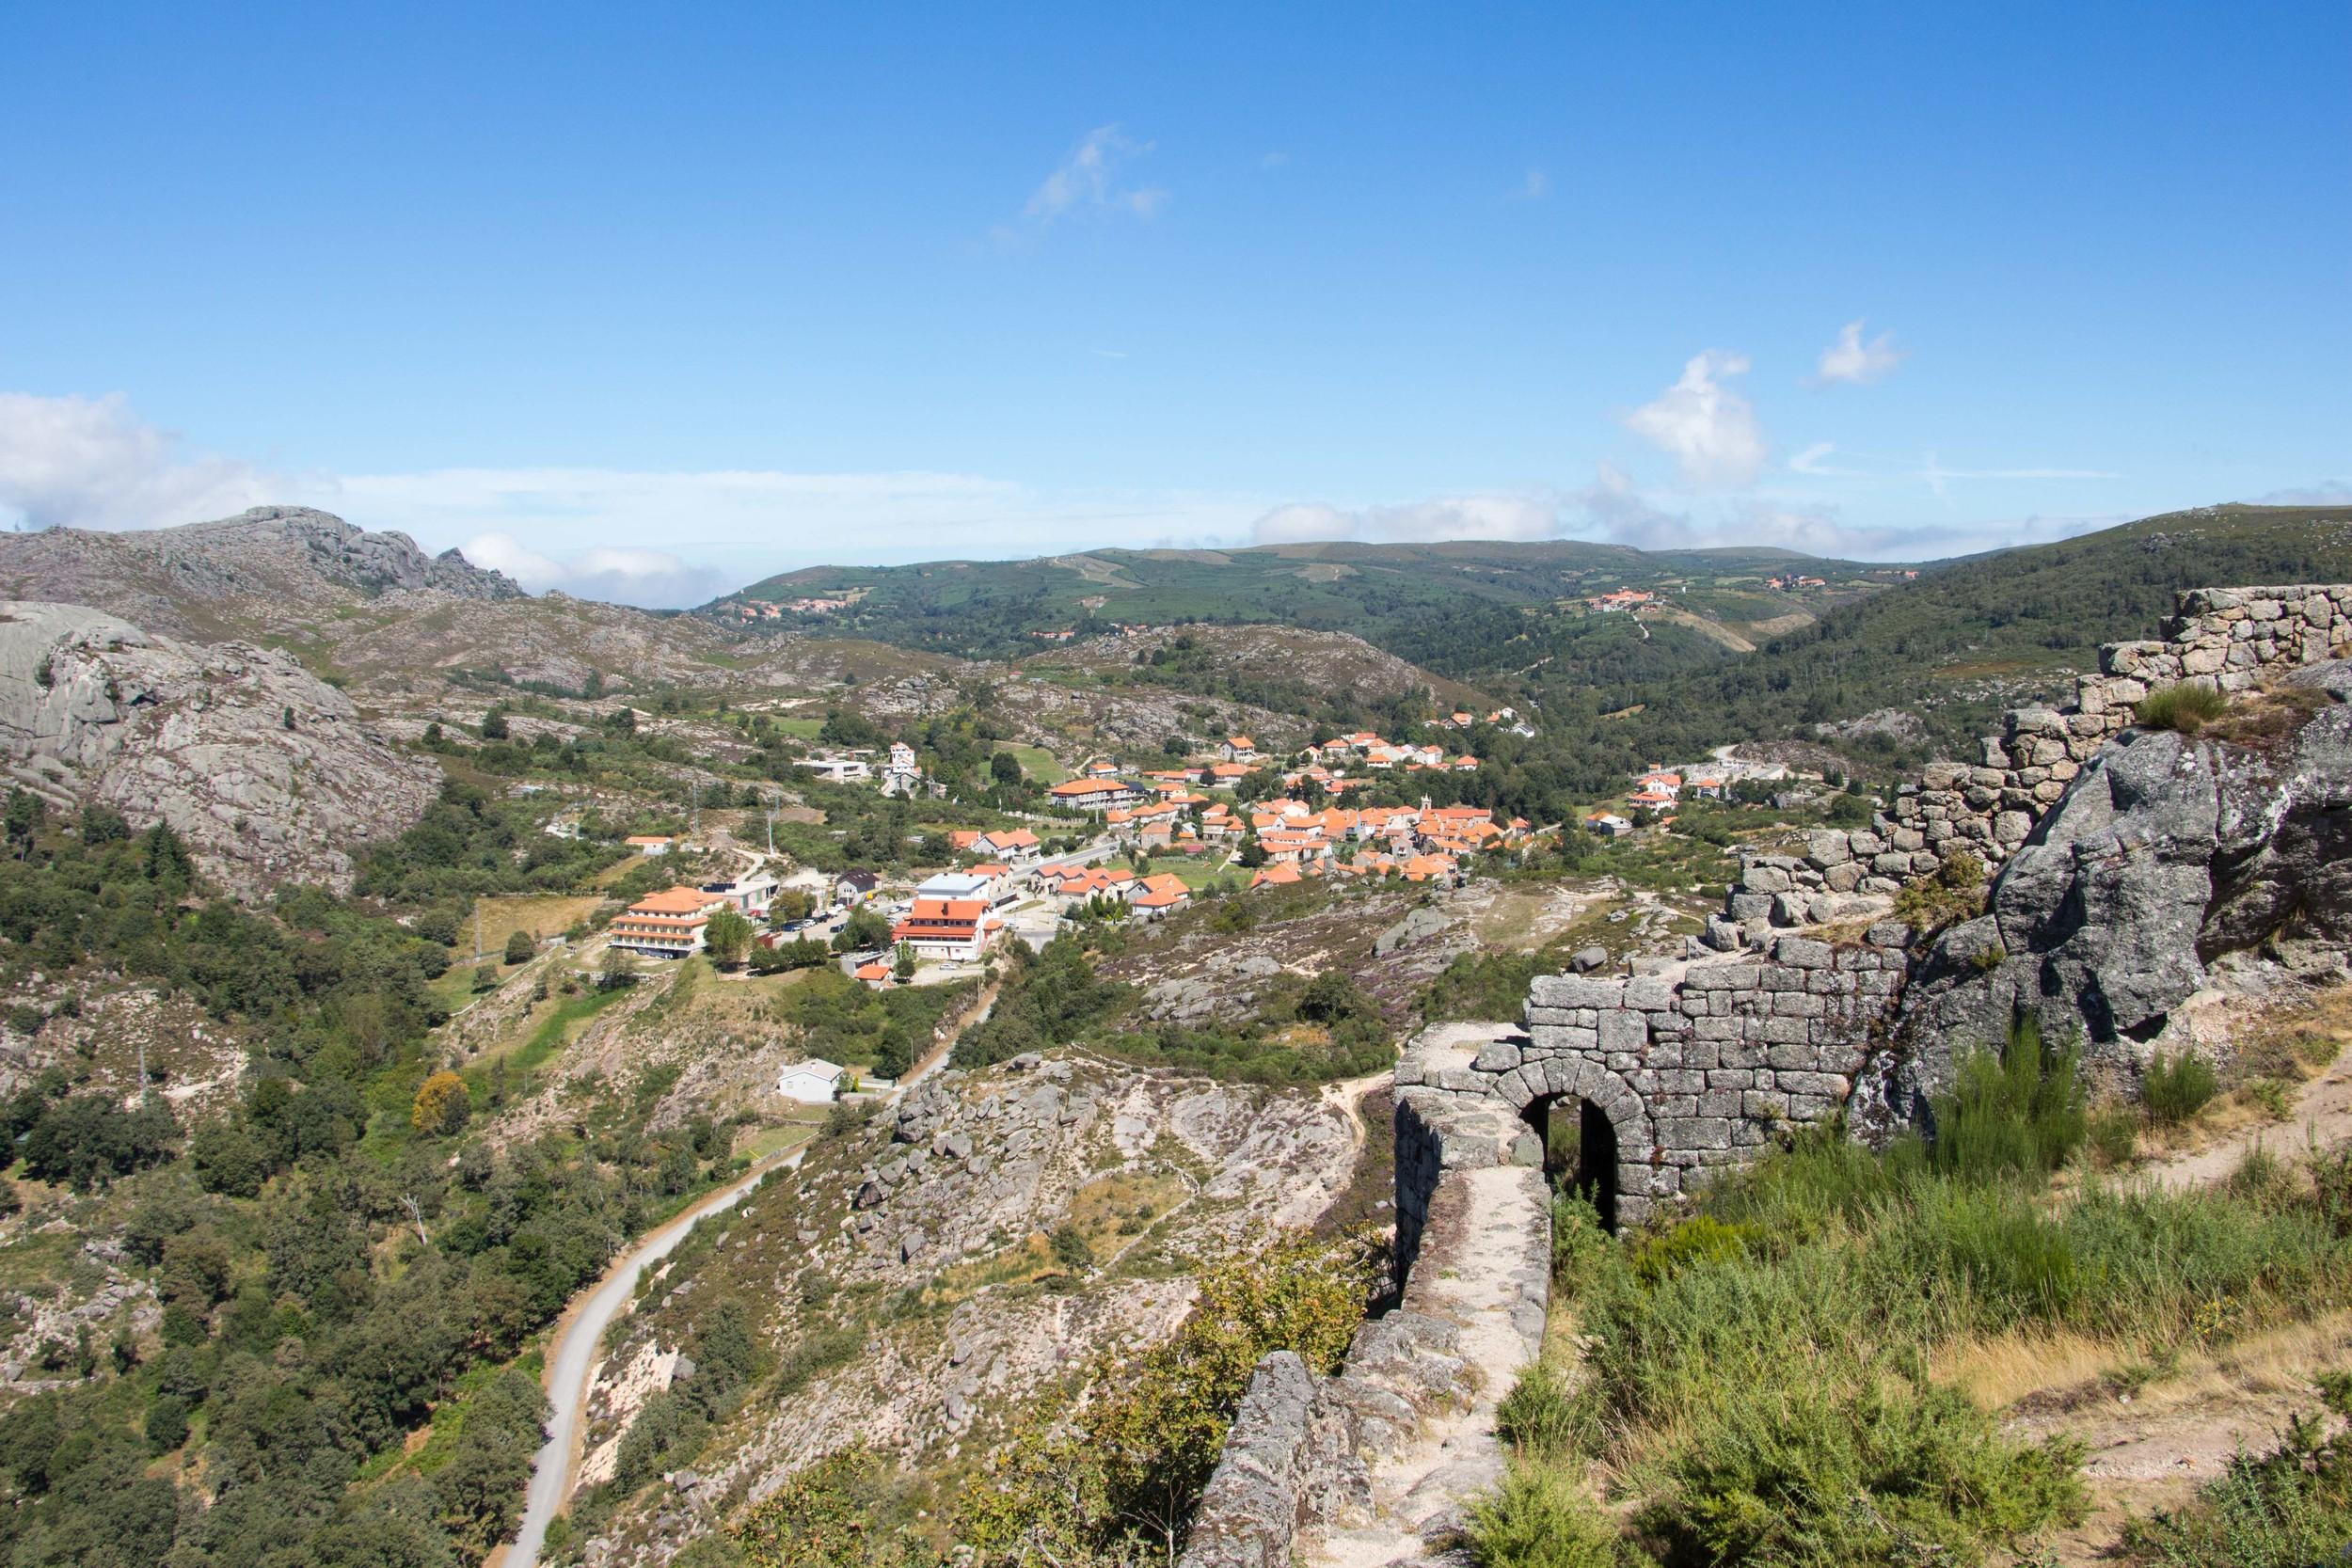 WanderLog_Portugal_CastroLaboreiro-2.jpg